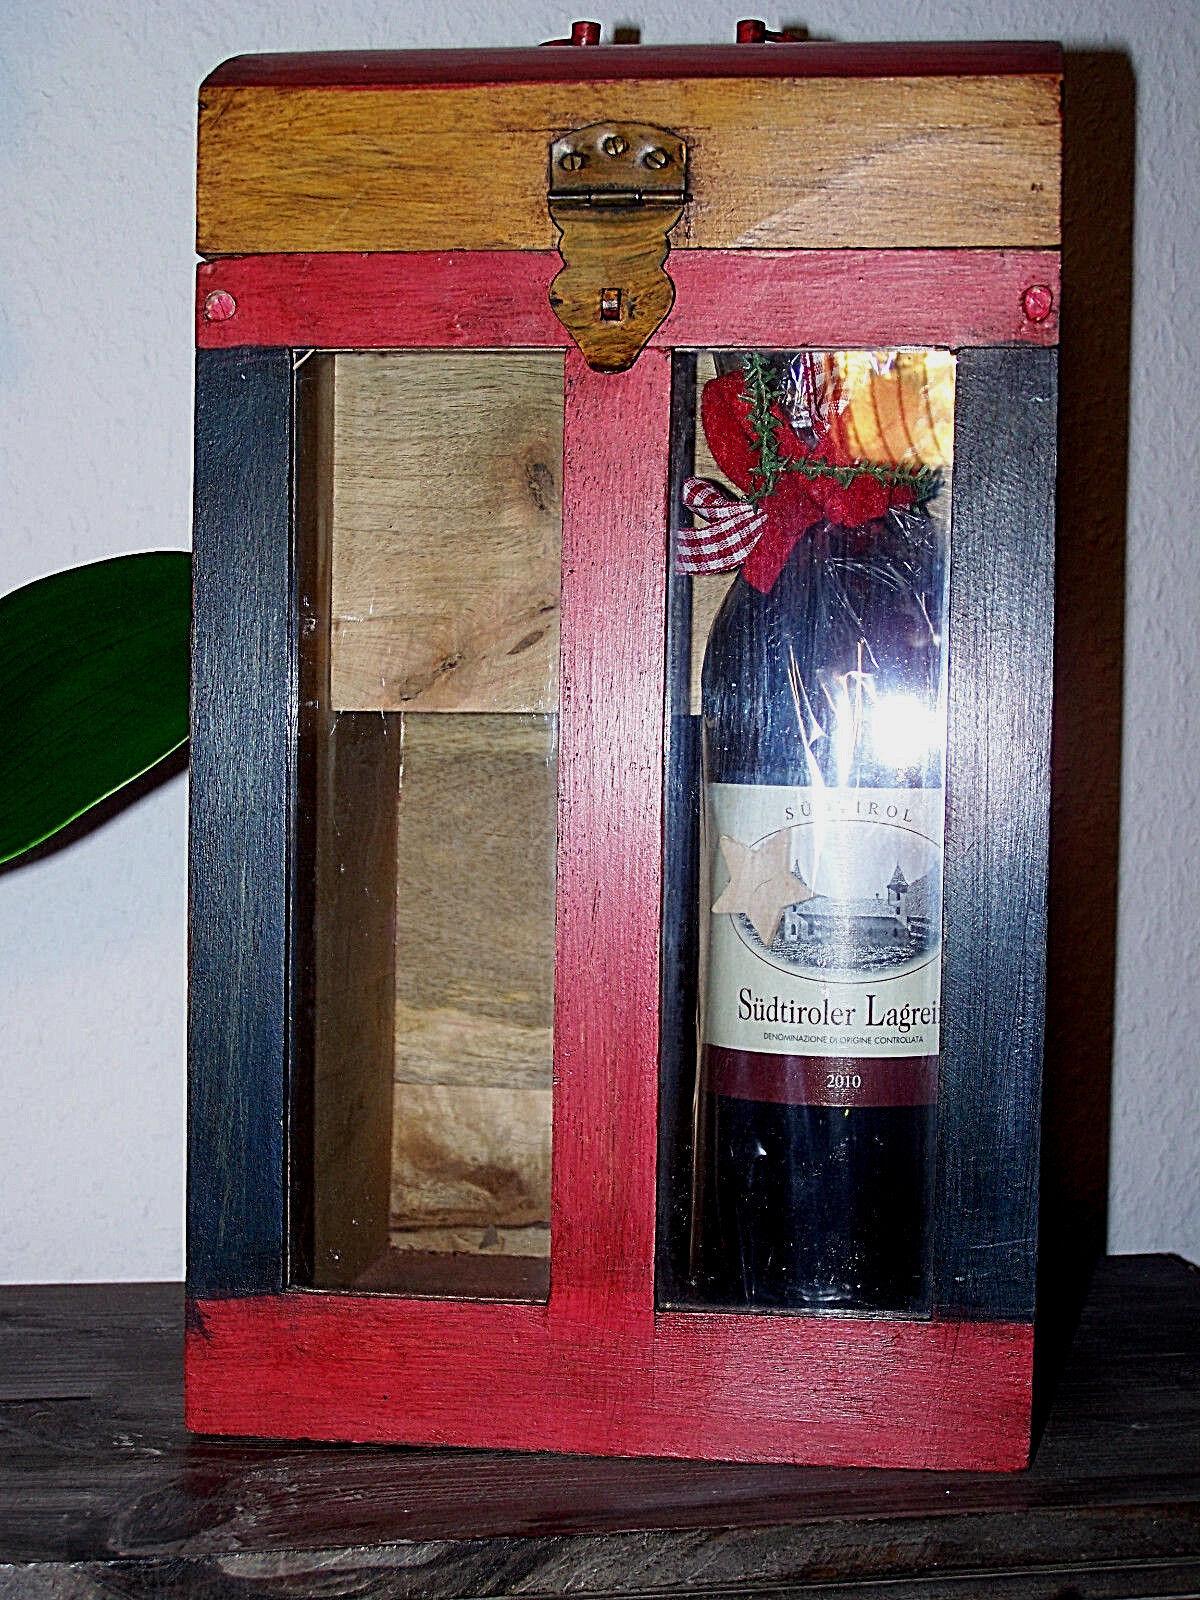 Taschenbuch   Flaschen Flaschen Flaschen - Aufbewahrungsbox   Holzbox für Flaschen   Handarbeit   | Verrückte Preis  c6c929